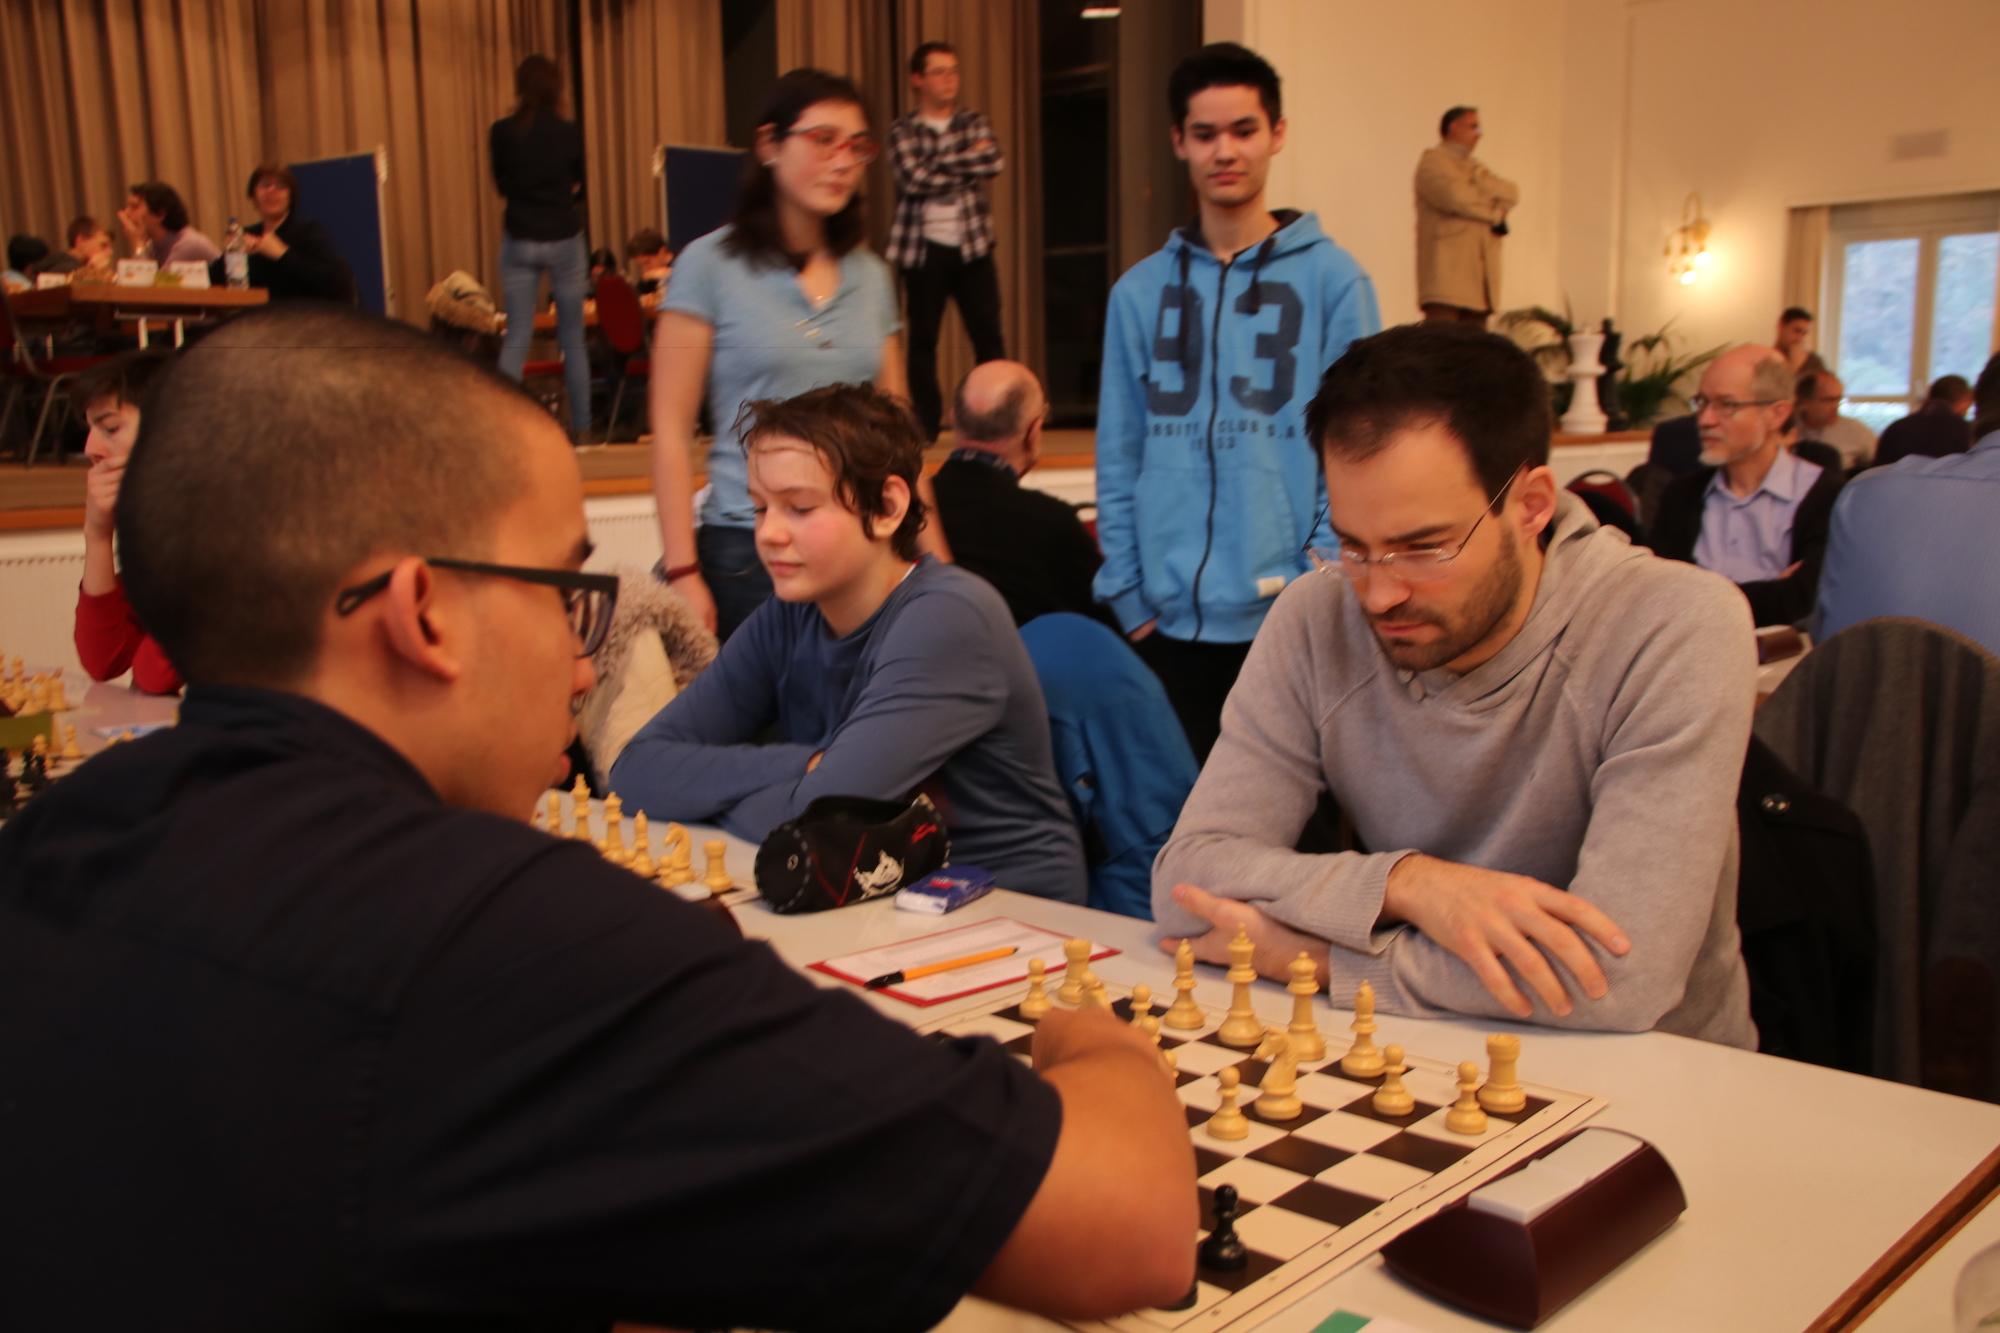 Von der Rolle: Der Schweizer Ausnahmespieler Yannick Pelletier (rechts) muss in der letzten Runde in Riehen fern der Bühne gegen Amateur Simon Schweizer antreten.